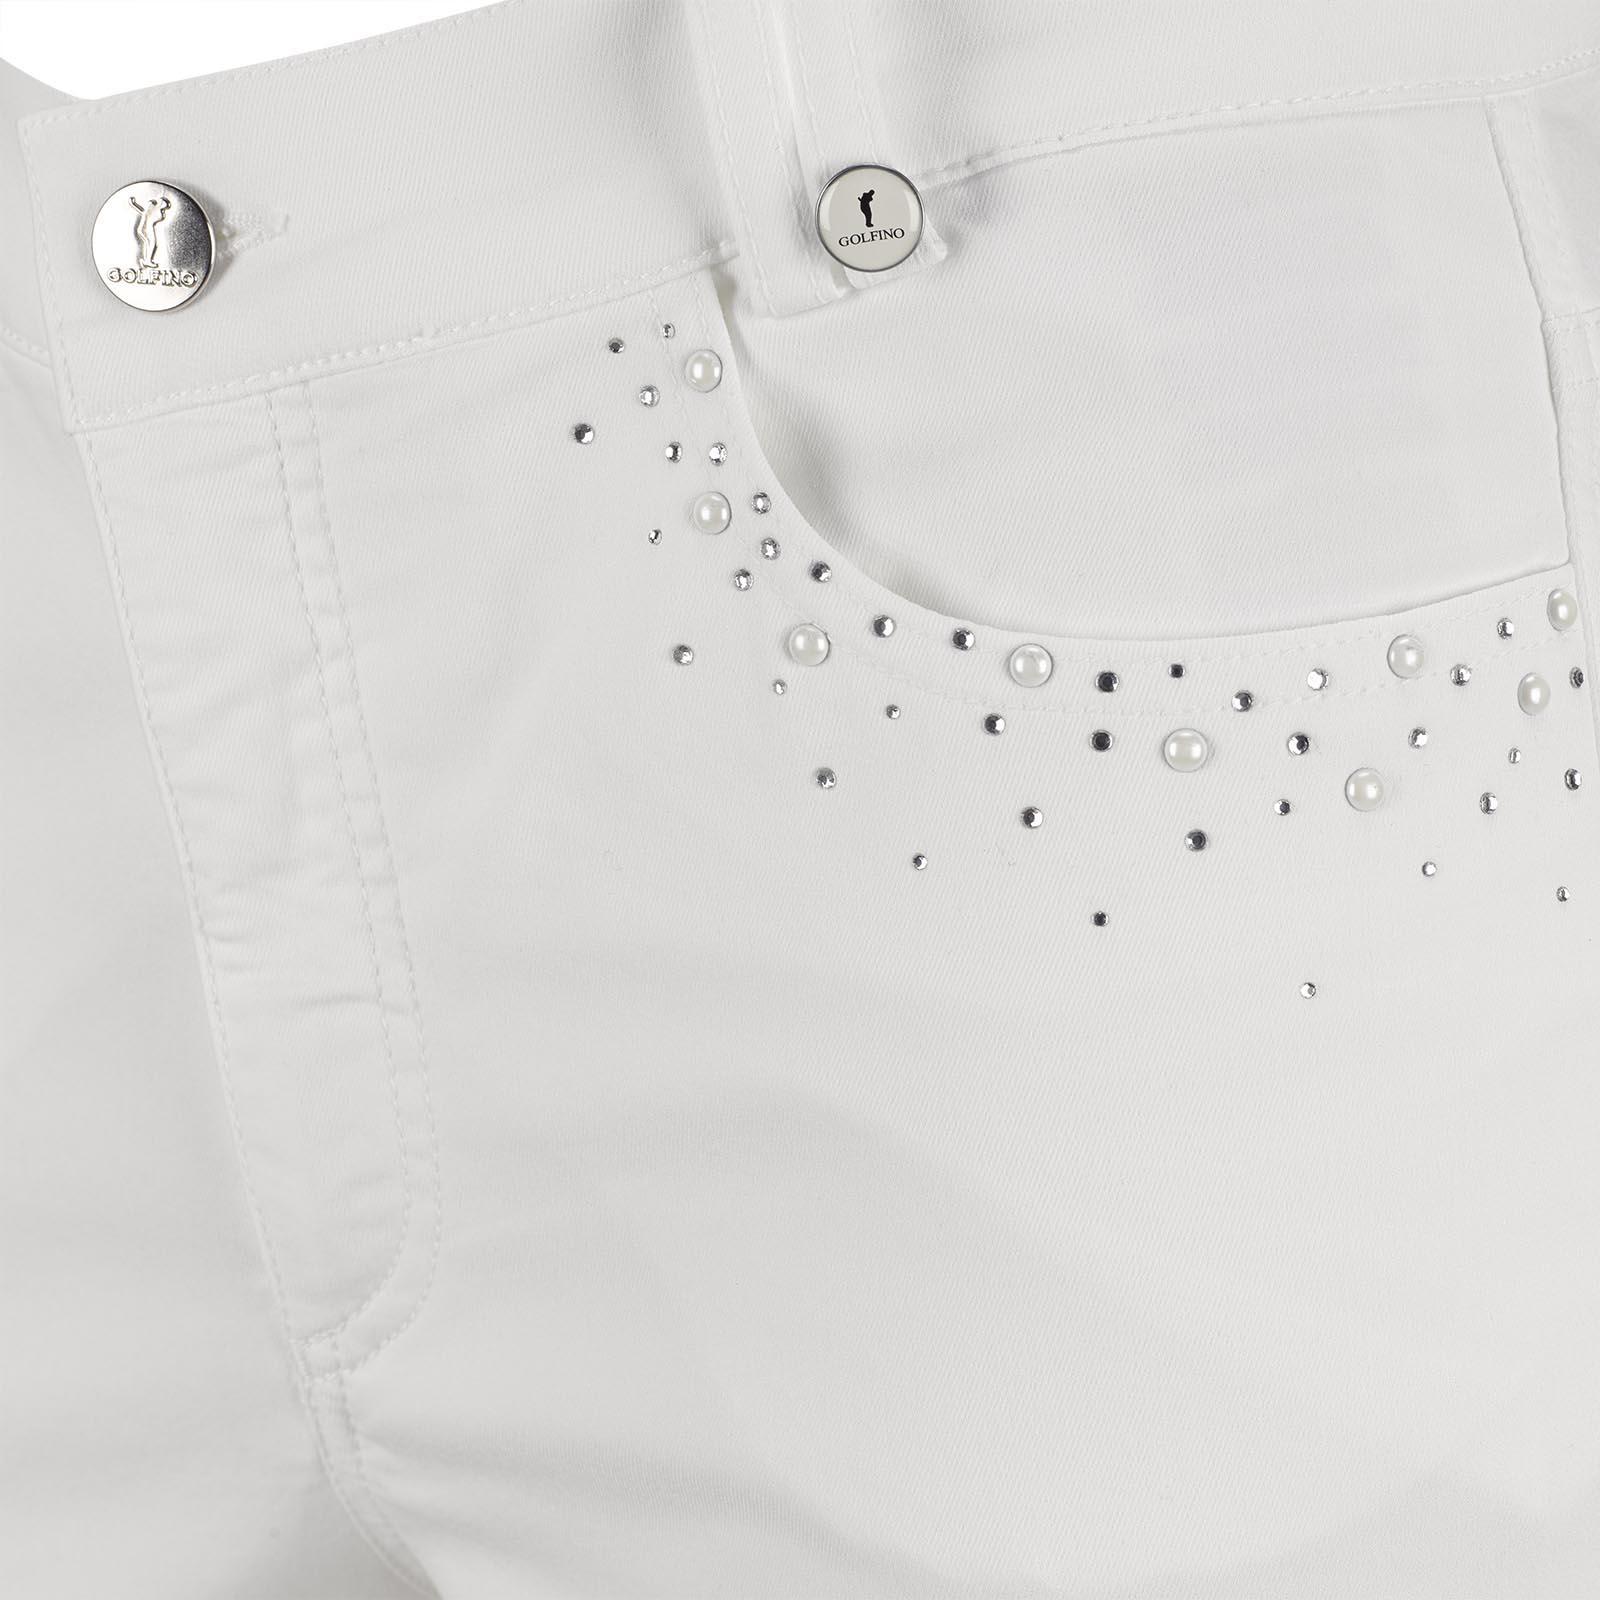 Damen Golf-Caprihose mit Perlen-Applikation aus exklusivem Baumwoll-Mix